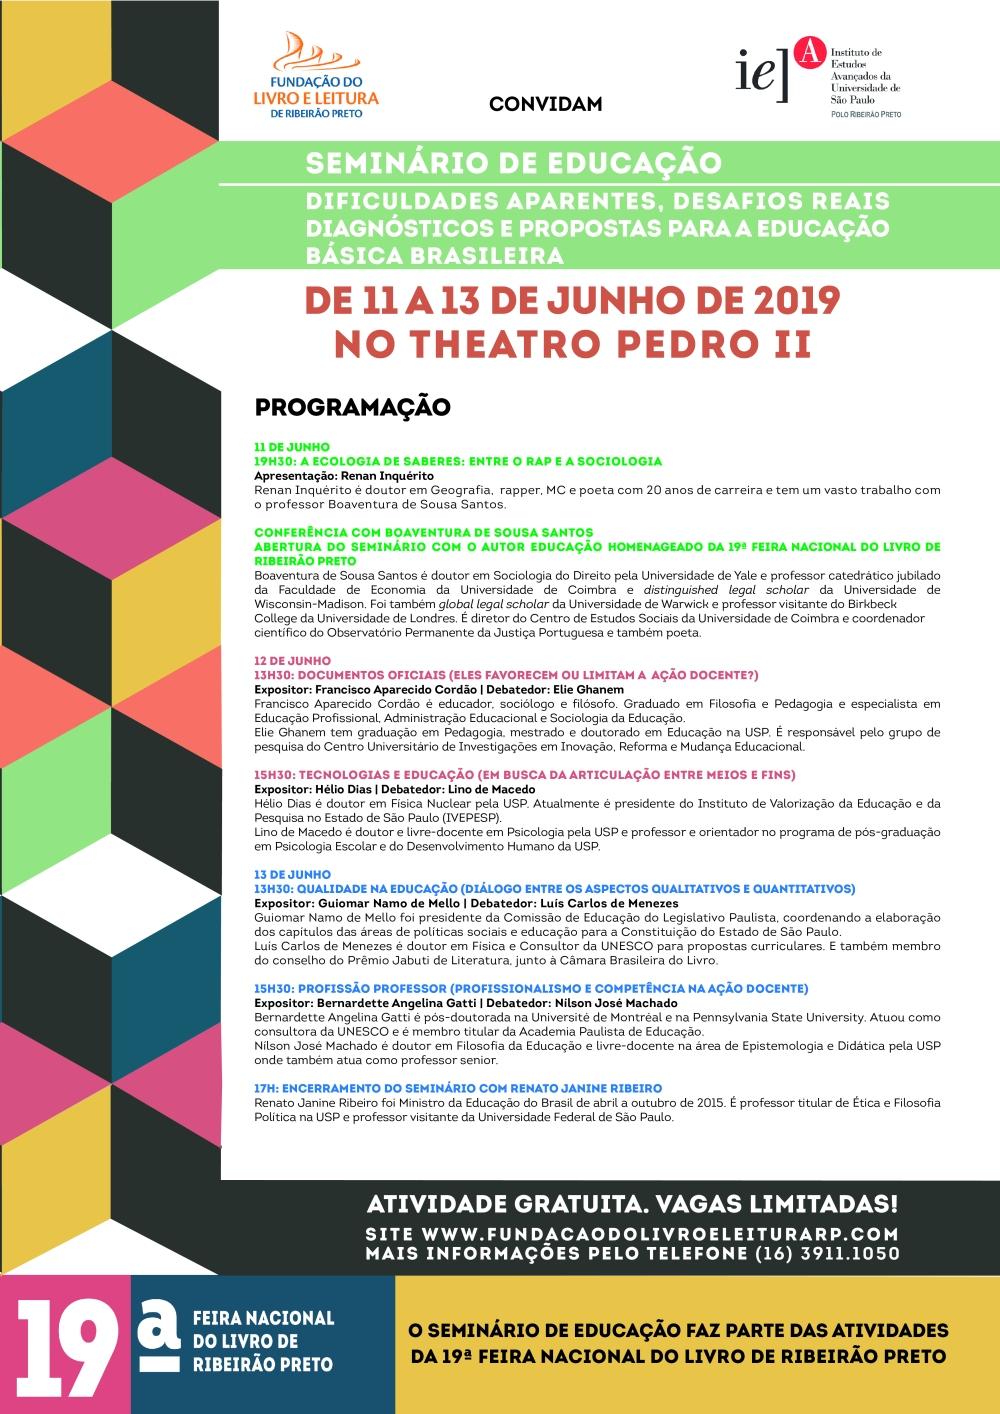 19FNLRP_SeminarioEducacao-01.jpg